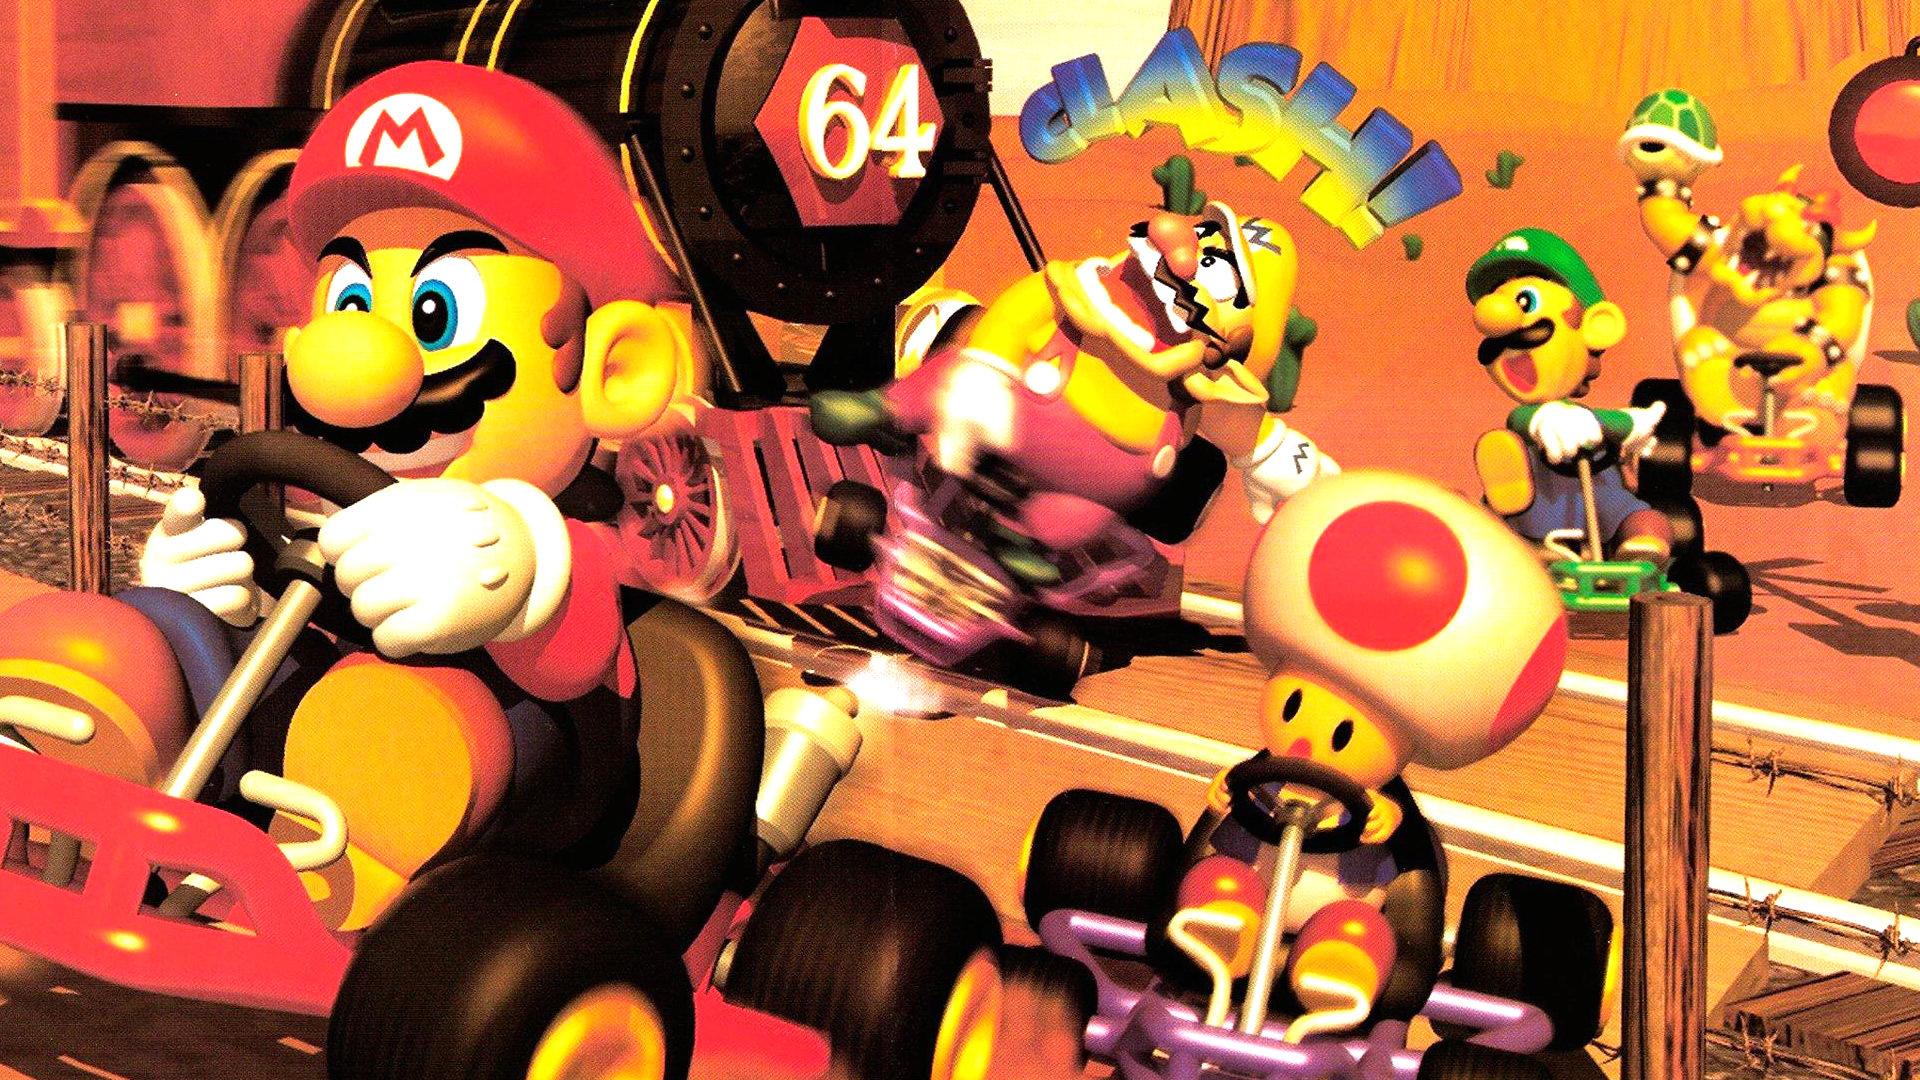 Retro Tracks for Mario Kart Retro DLC or Mario Kart 9